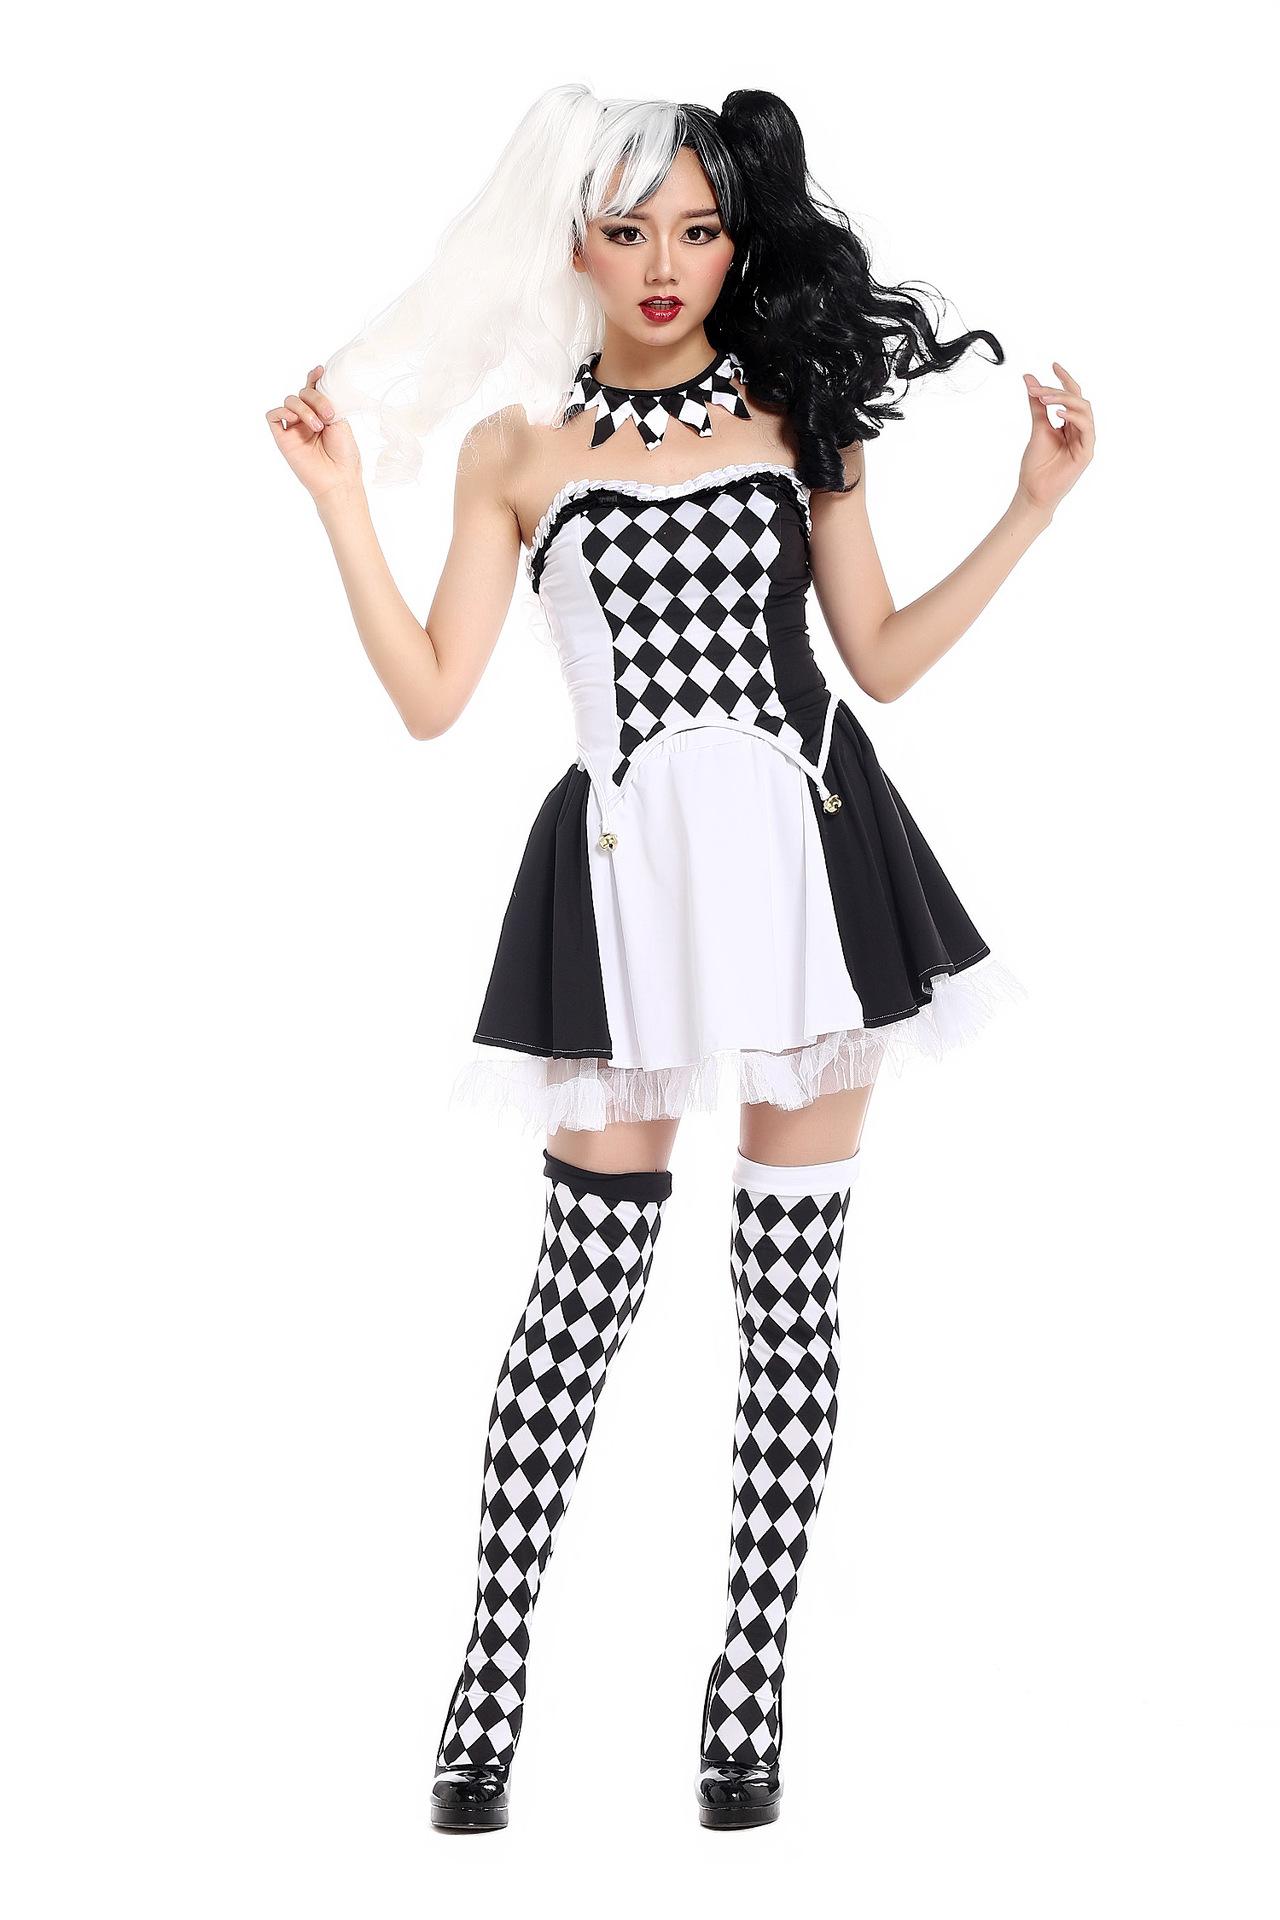 萬聖節halloween鬼節女小丑裝龐克黑白格子夜店派對COS服舞會假髮